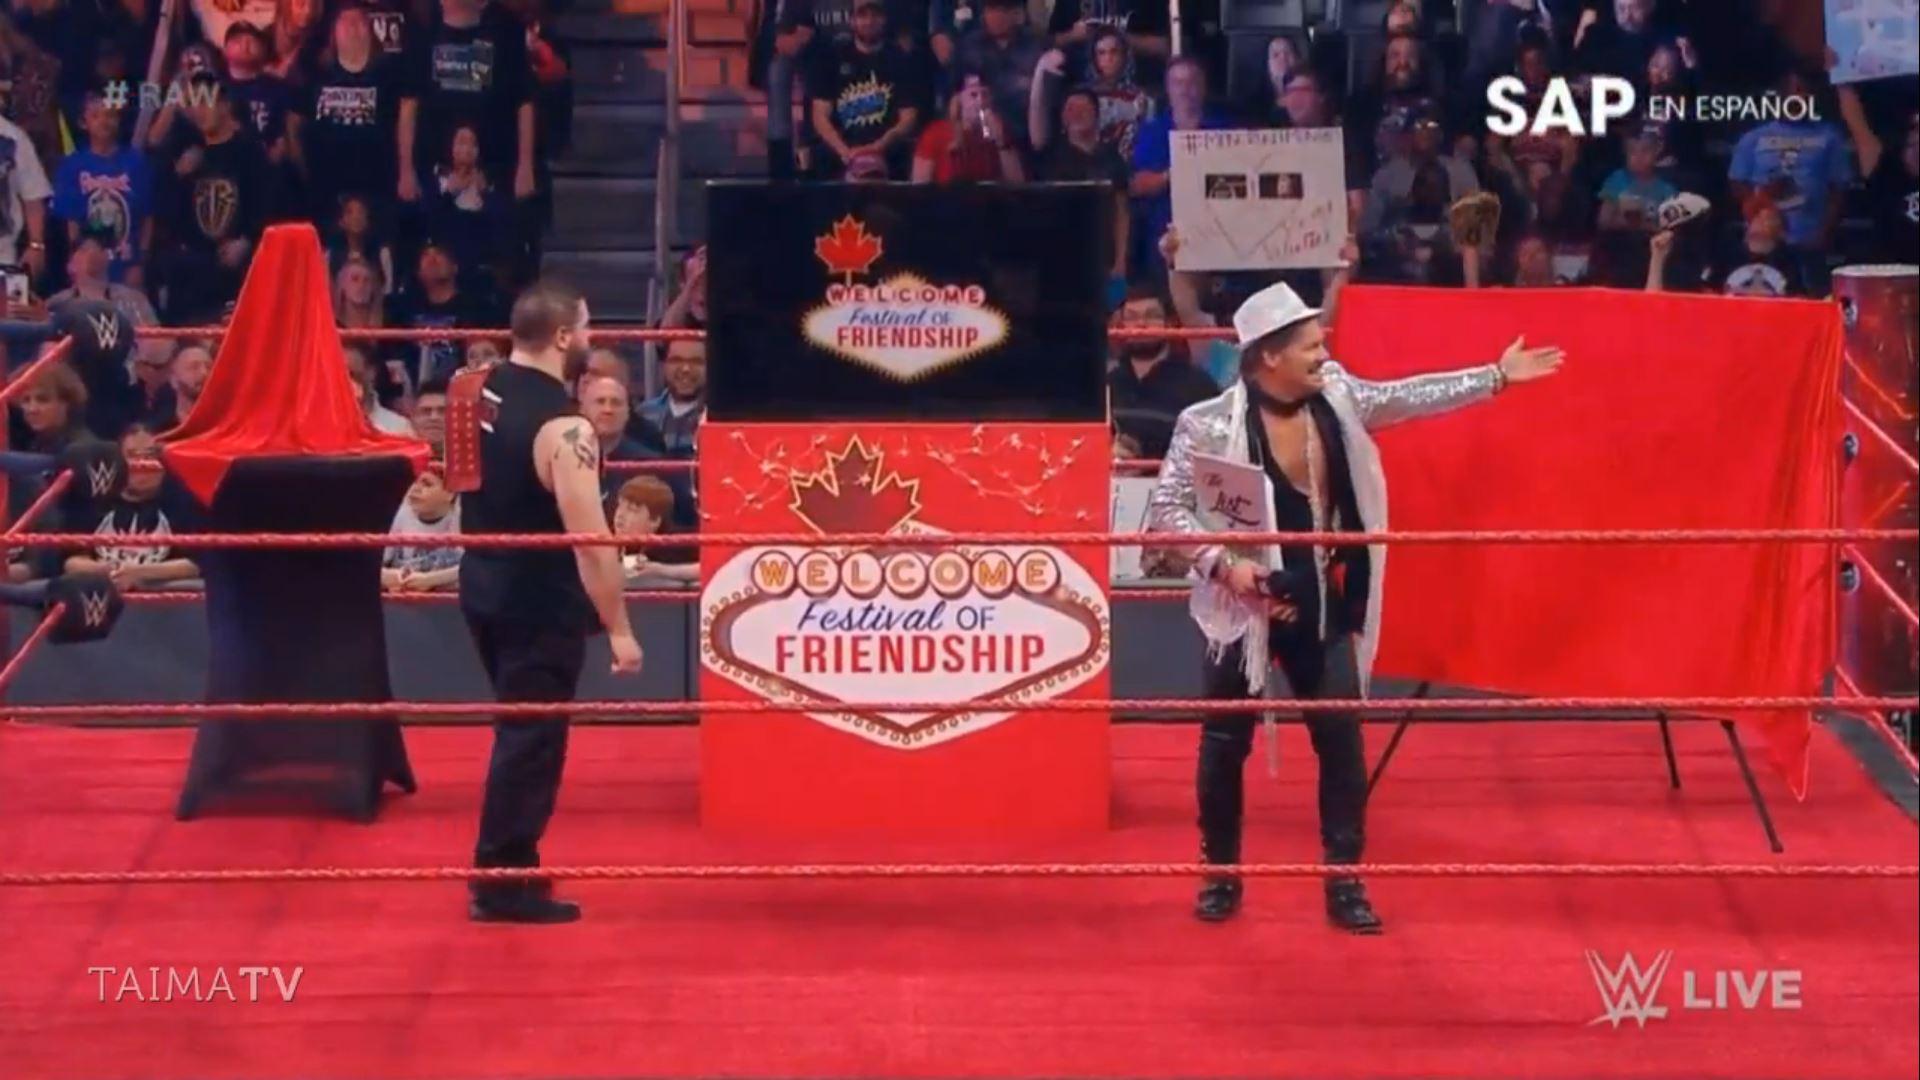 festival of friendship raw